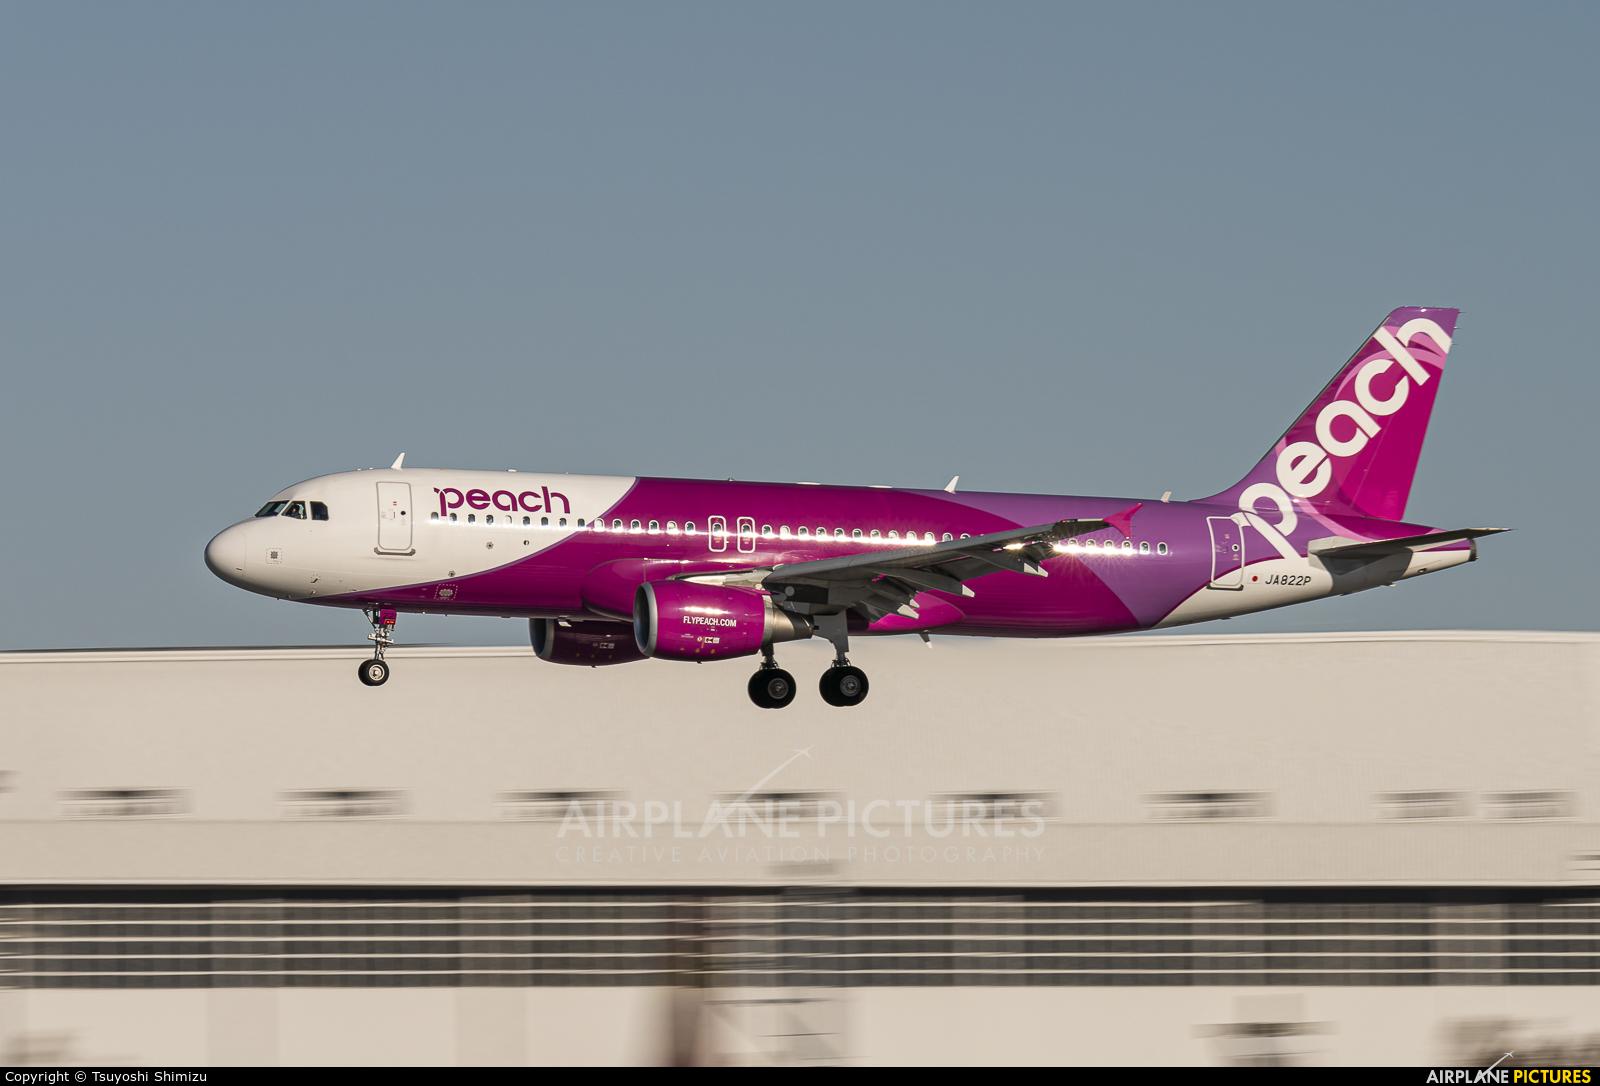 Peach Aviation JA822P aircraft at Tokyo - Narita Intl